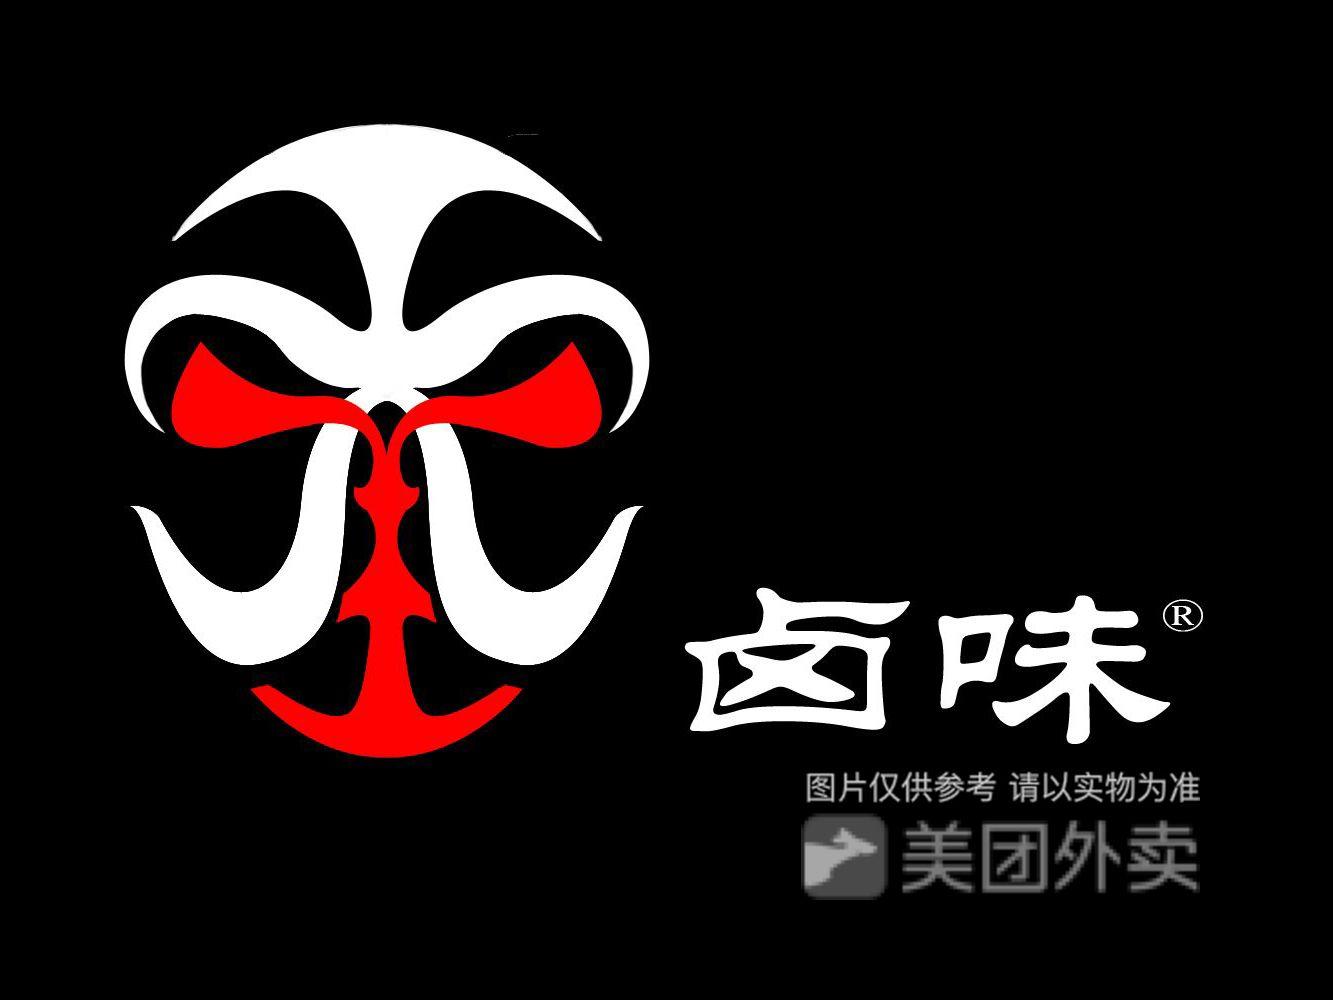 logo logo 标志 设计 矢量 矢量图 素材 图标 1333_1000